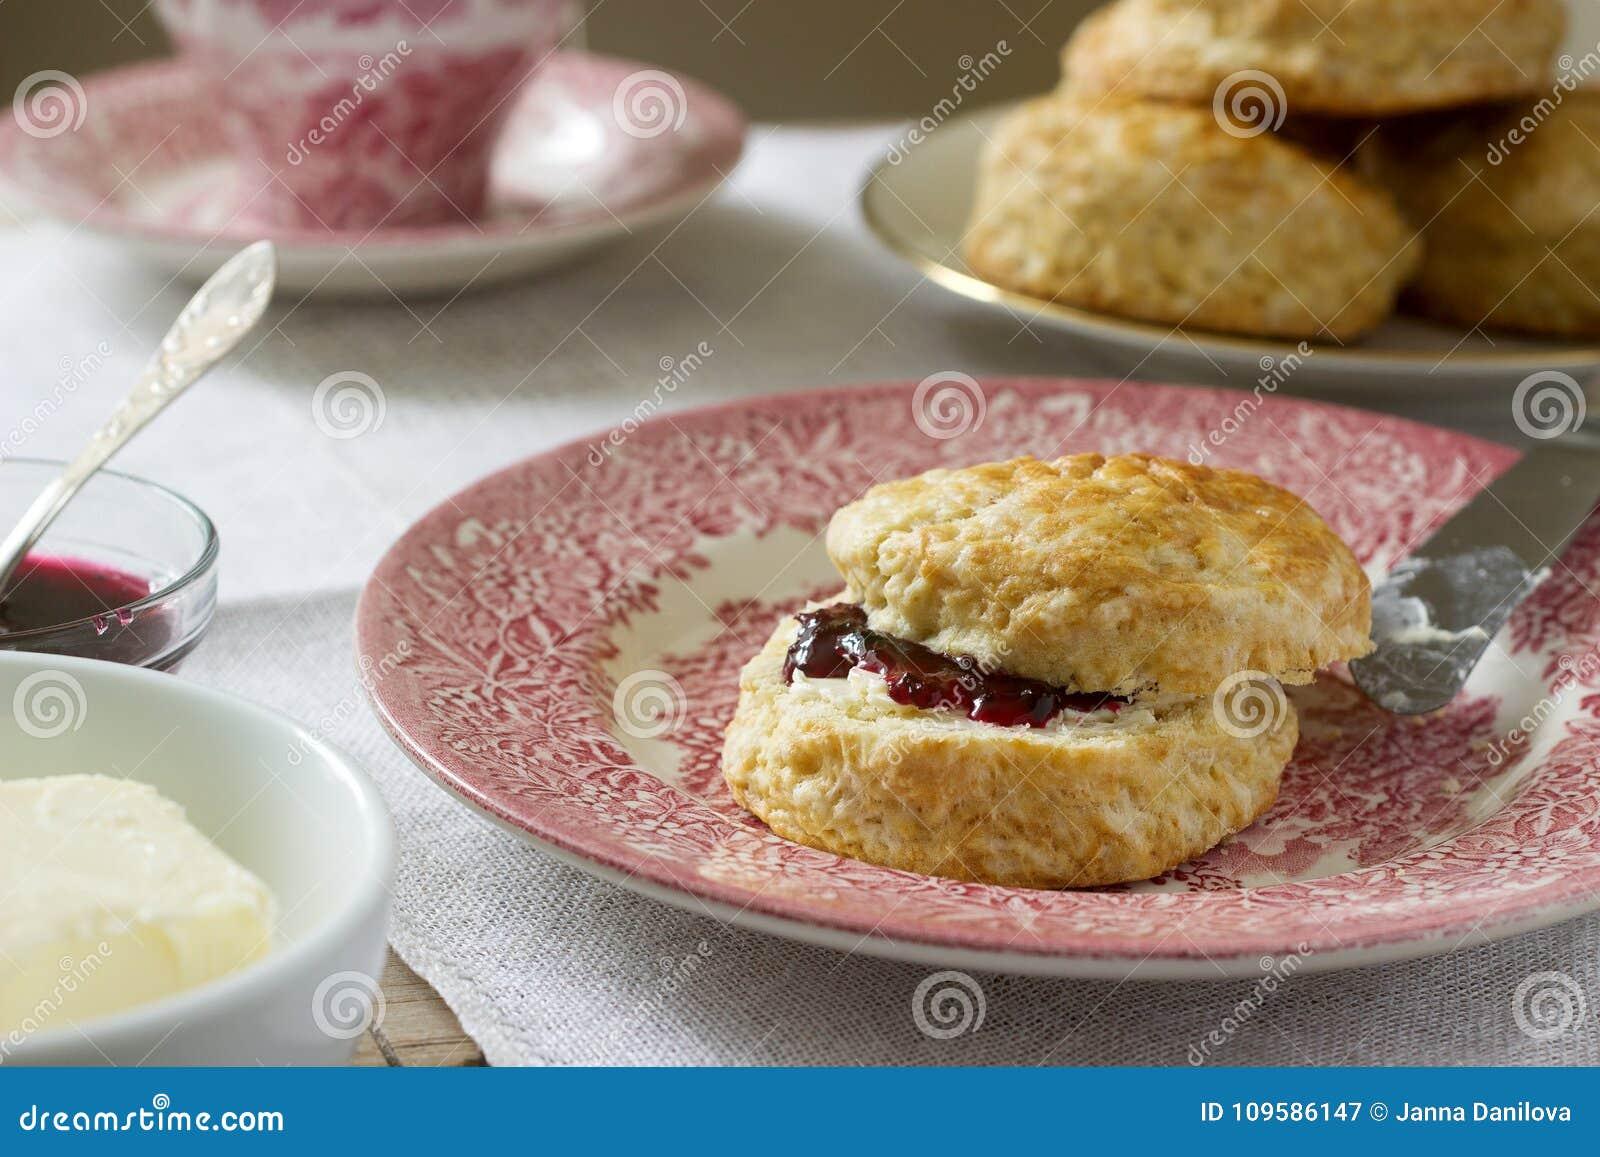 Focaccine al latte con tè caldo, pasticcerie britanniche tradizionali del pane casalingo